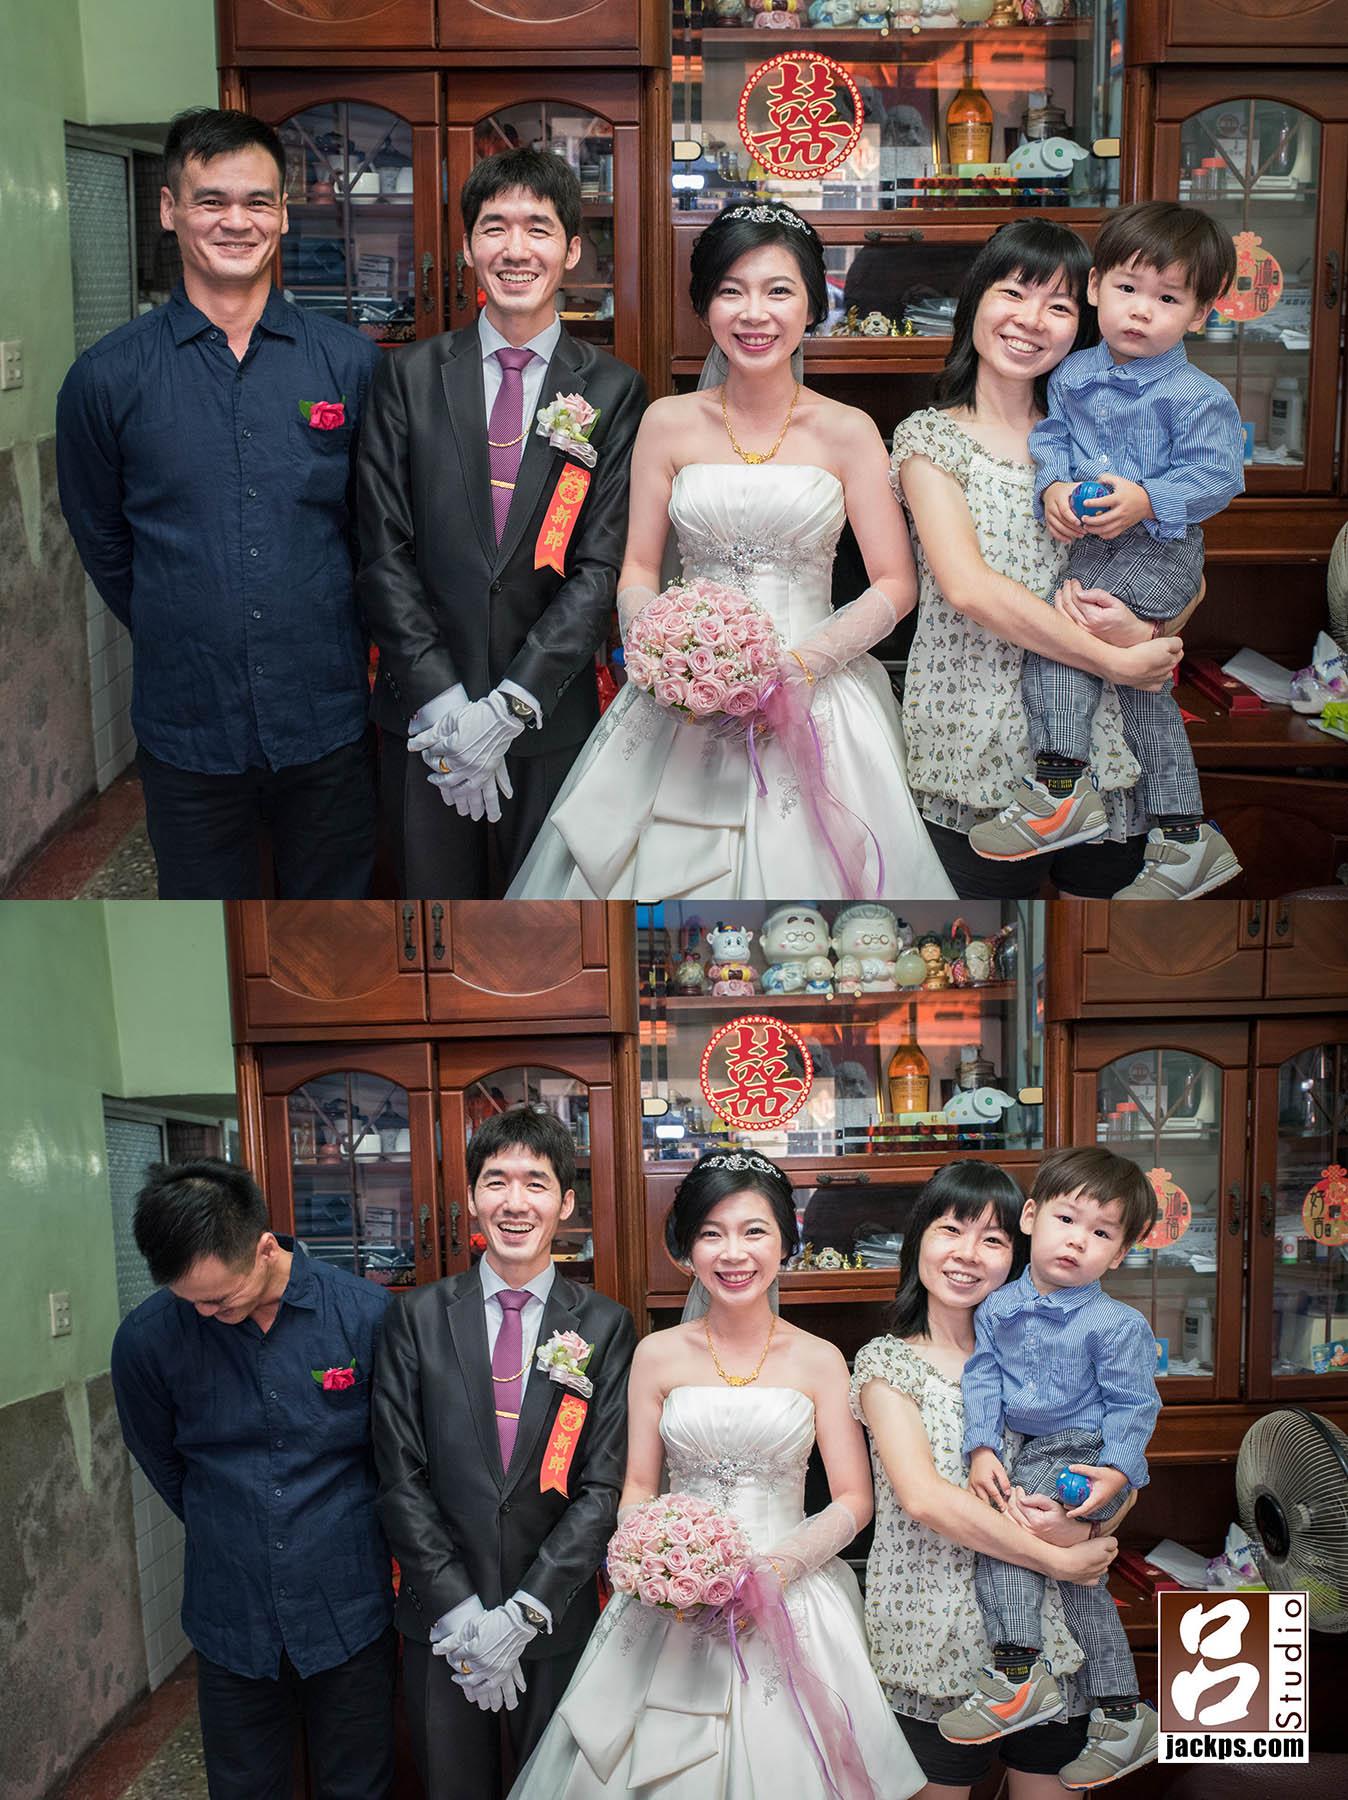 婚禮攝影-苦哈哈的小朋友-照片